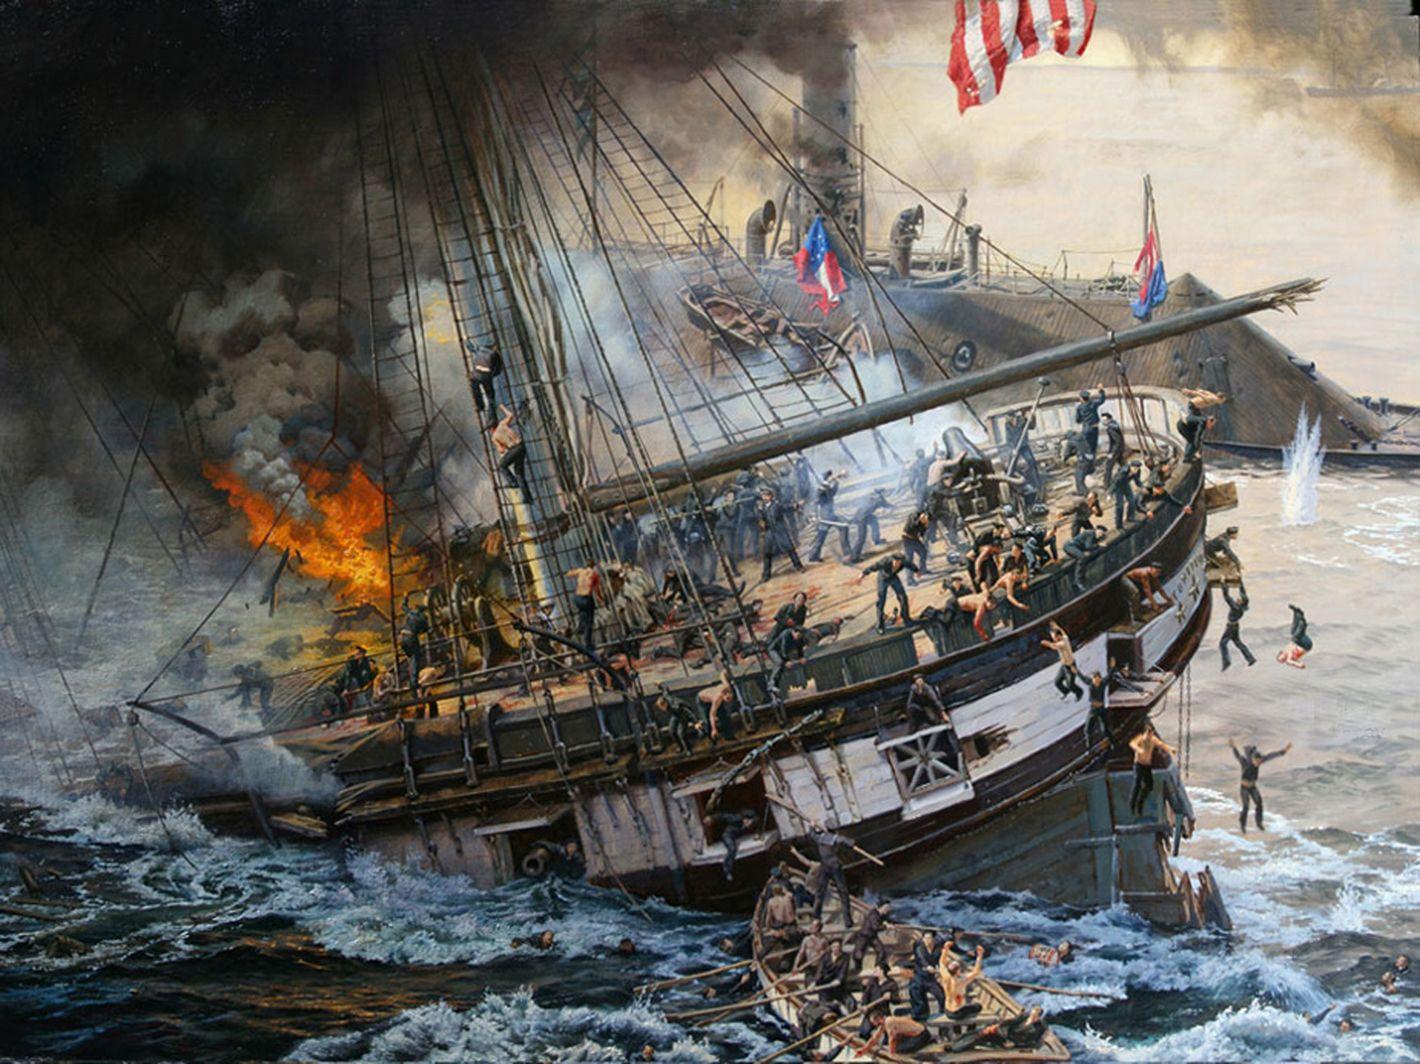 El USS Cumberland se hunde junto a 121 hombres de su tripulación tras ser embestido y cañoneado por el CSS Virginia, cortesía de James Gurney. La mejor colección de láminas en http://www.elgrancapitan.org/foro/